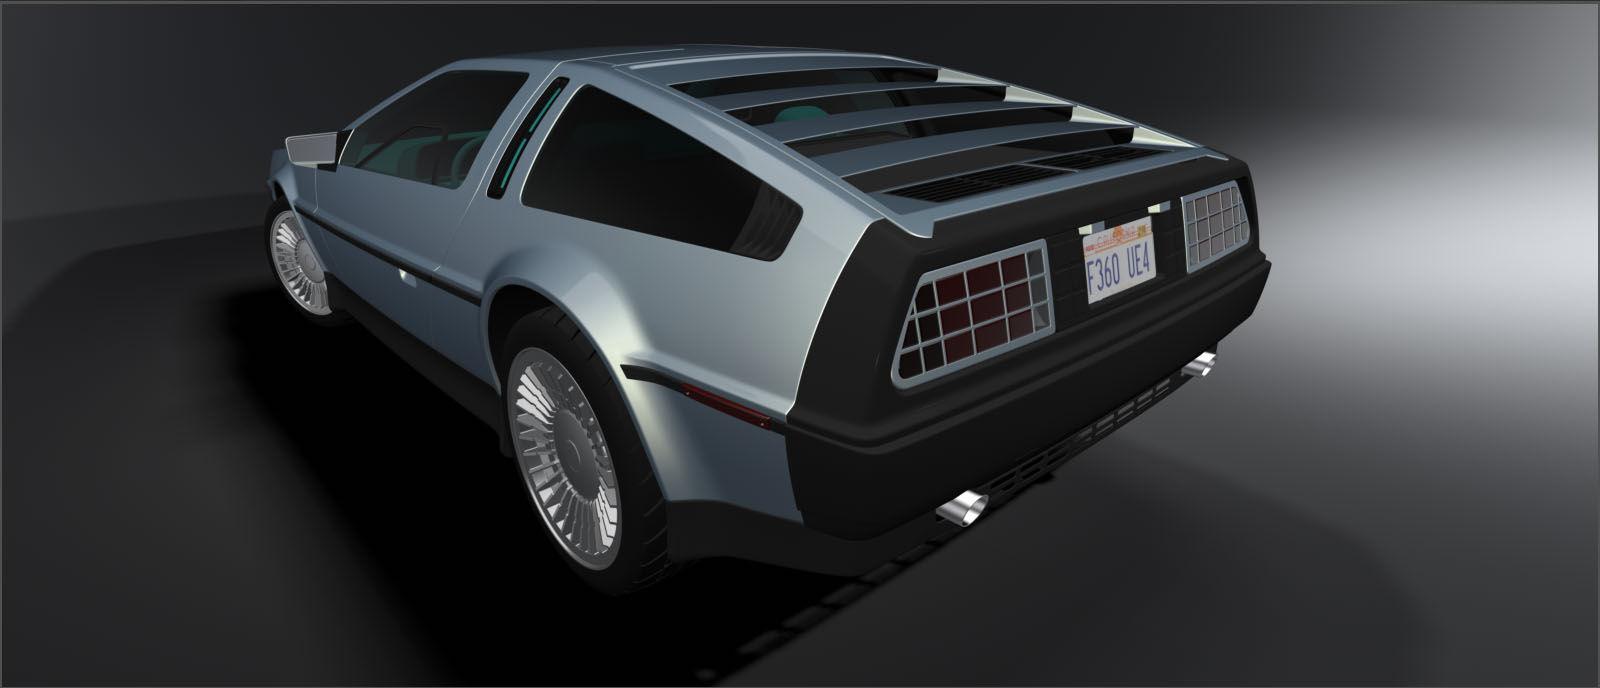 Preliminar-render-back-3500-3500